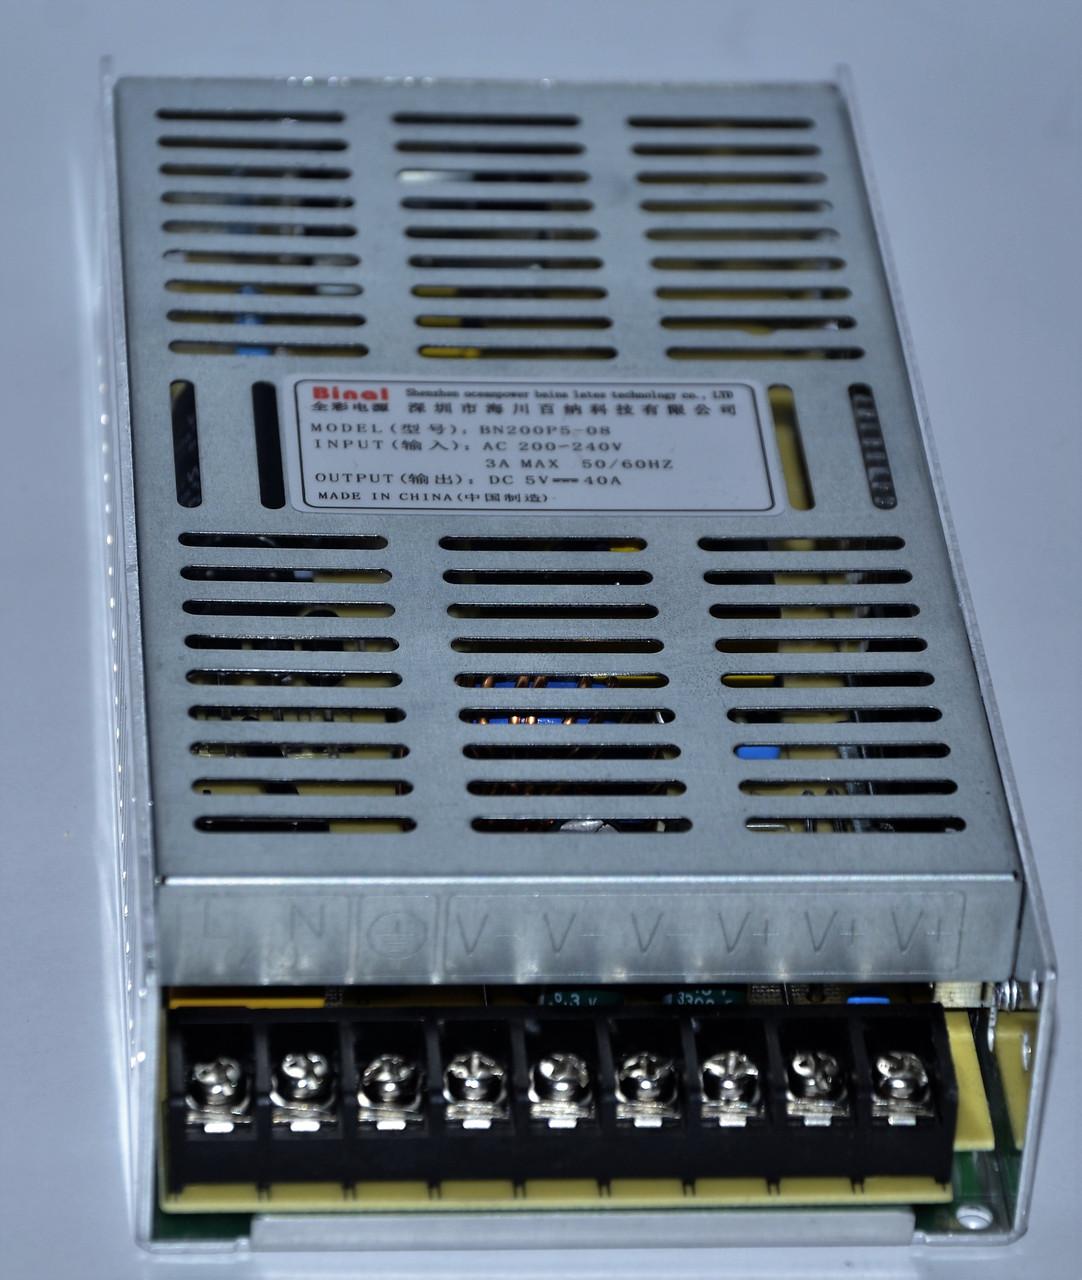 Блок питание BN200P5-08 5V-40A-200W